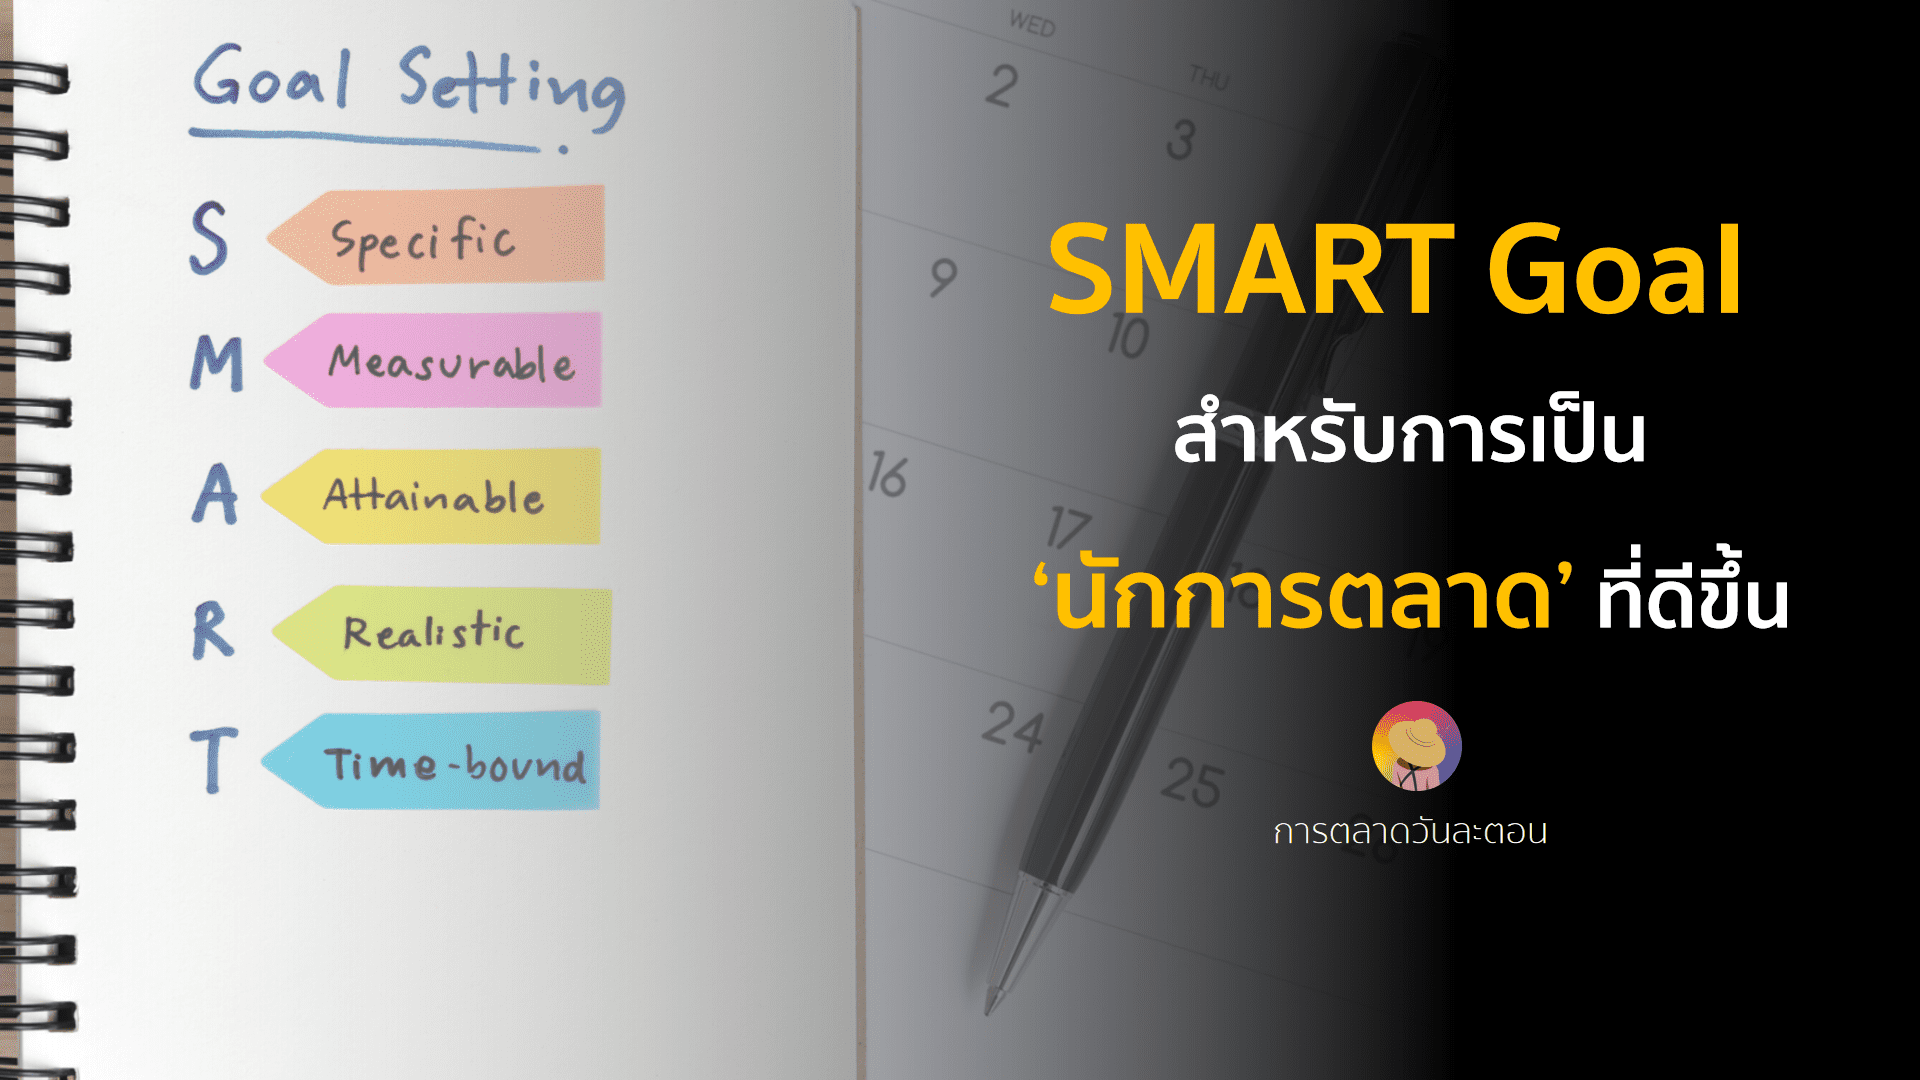 SMART Goal สำหรับการเป็นนักการตลาดที่ดีขึ้น